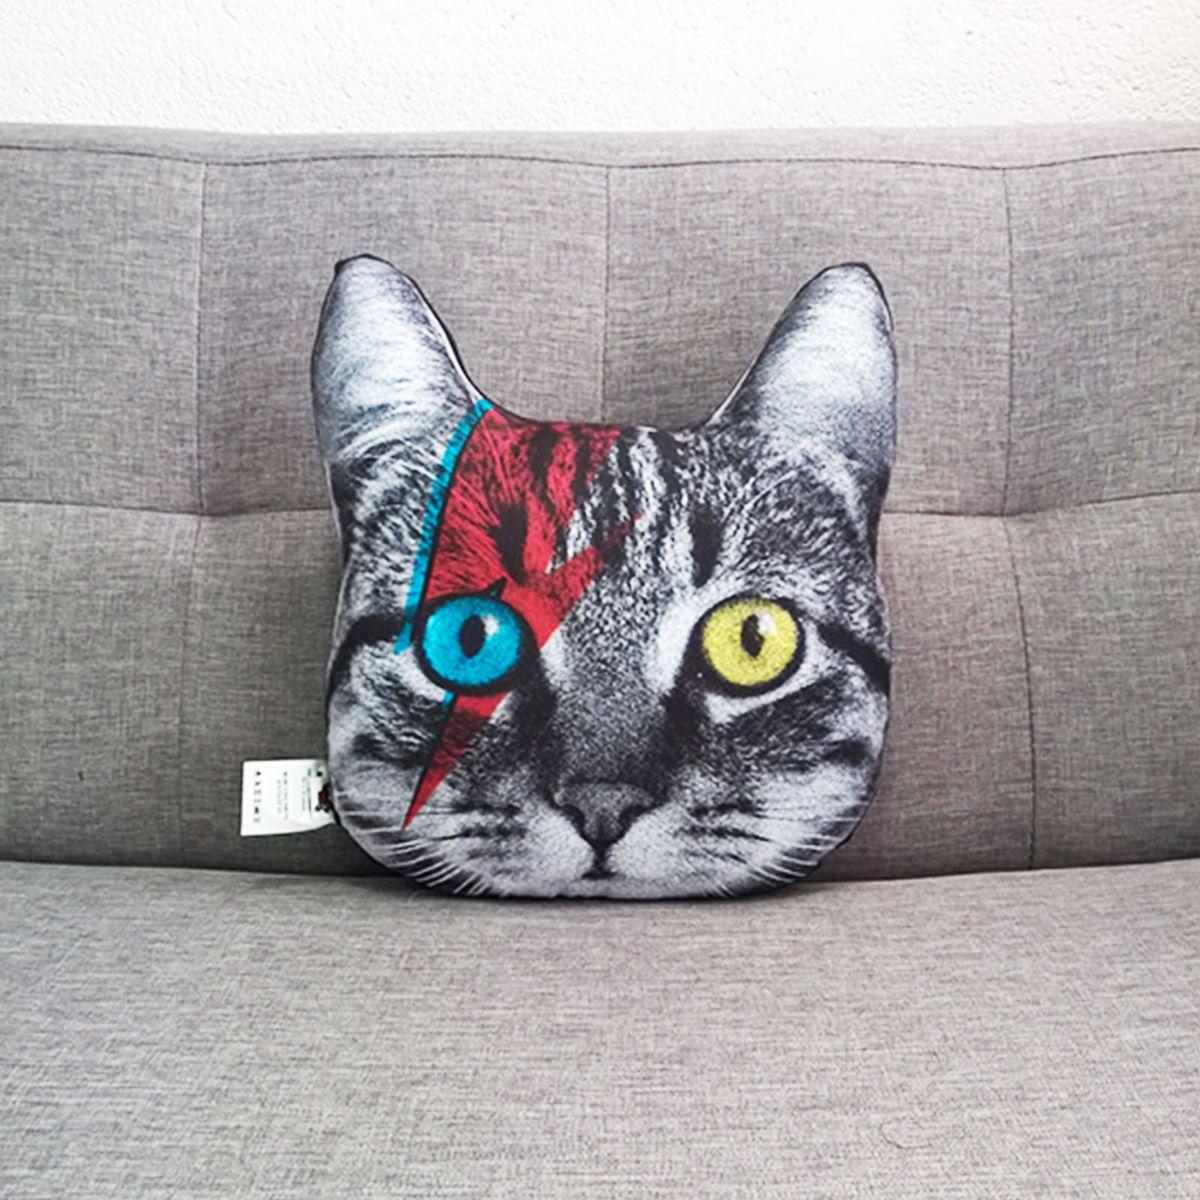 almofada gato bowie filhote - decoração mo cuishle